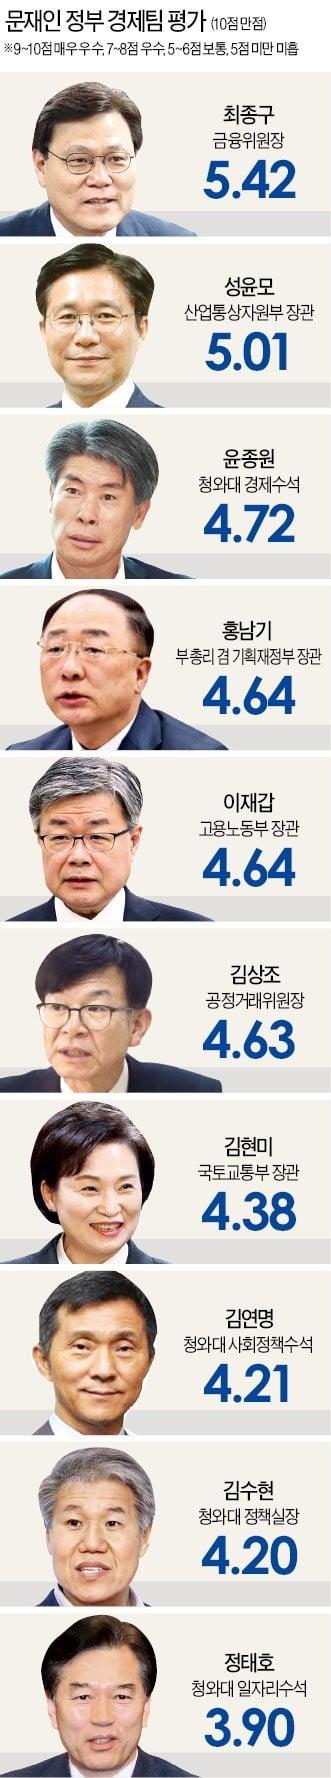 냉혹해진 경제팀 평가…최종구·성윤모만 10점 만점에 5점 넘겨